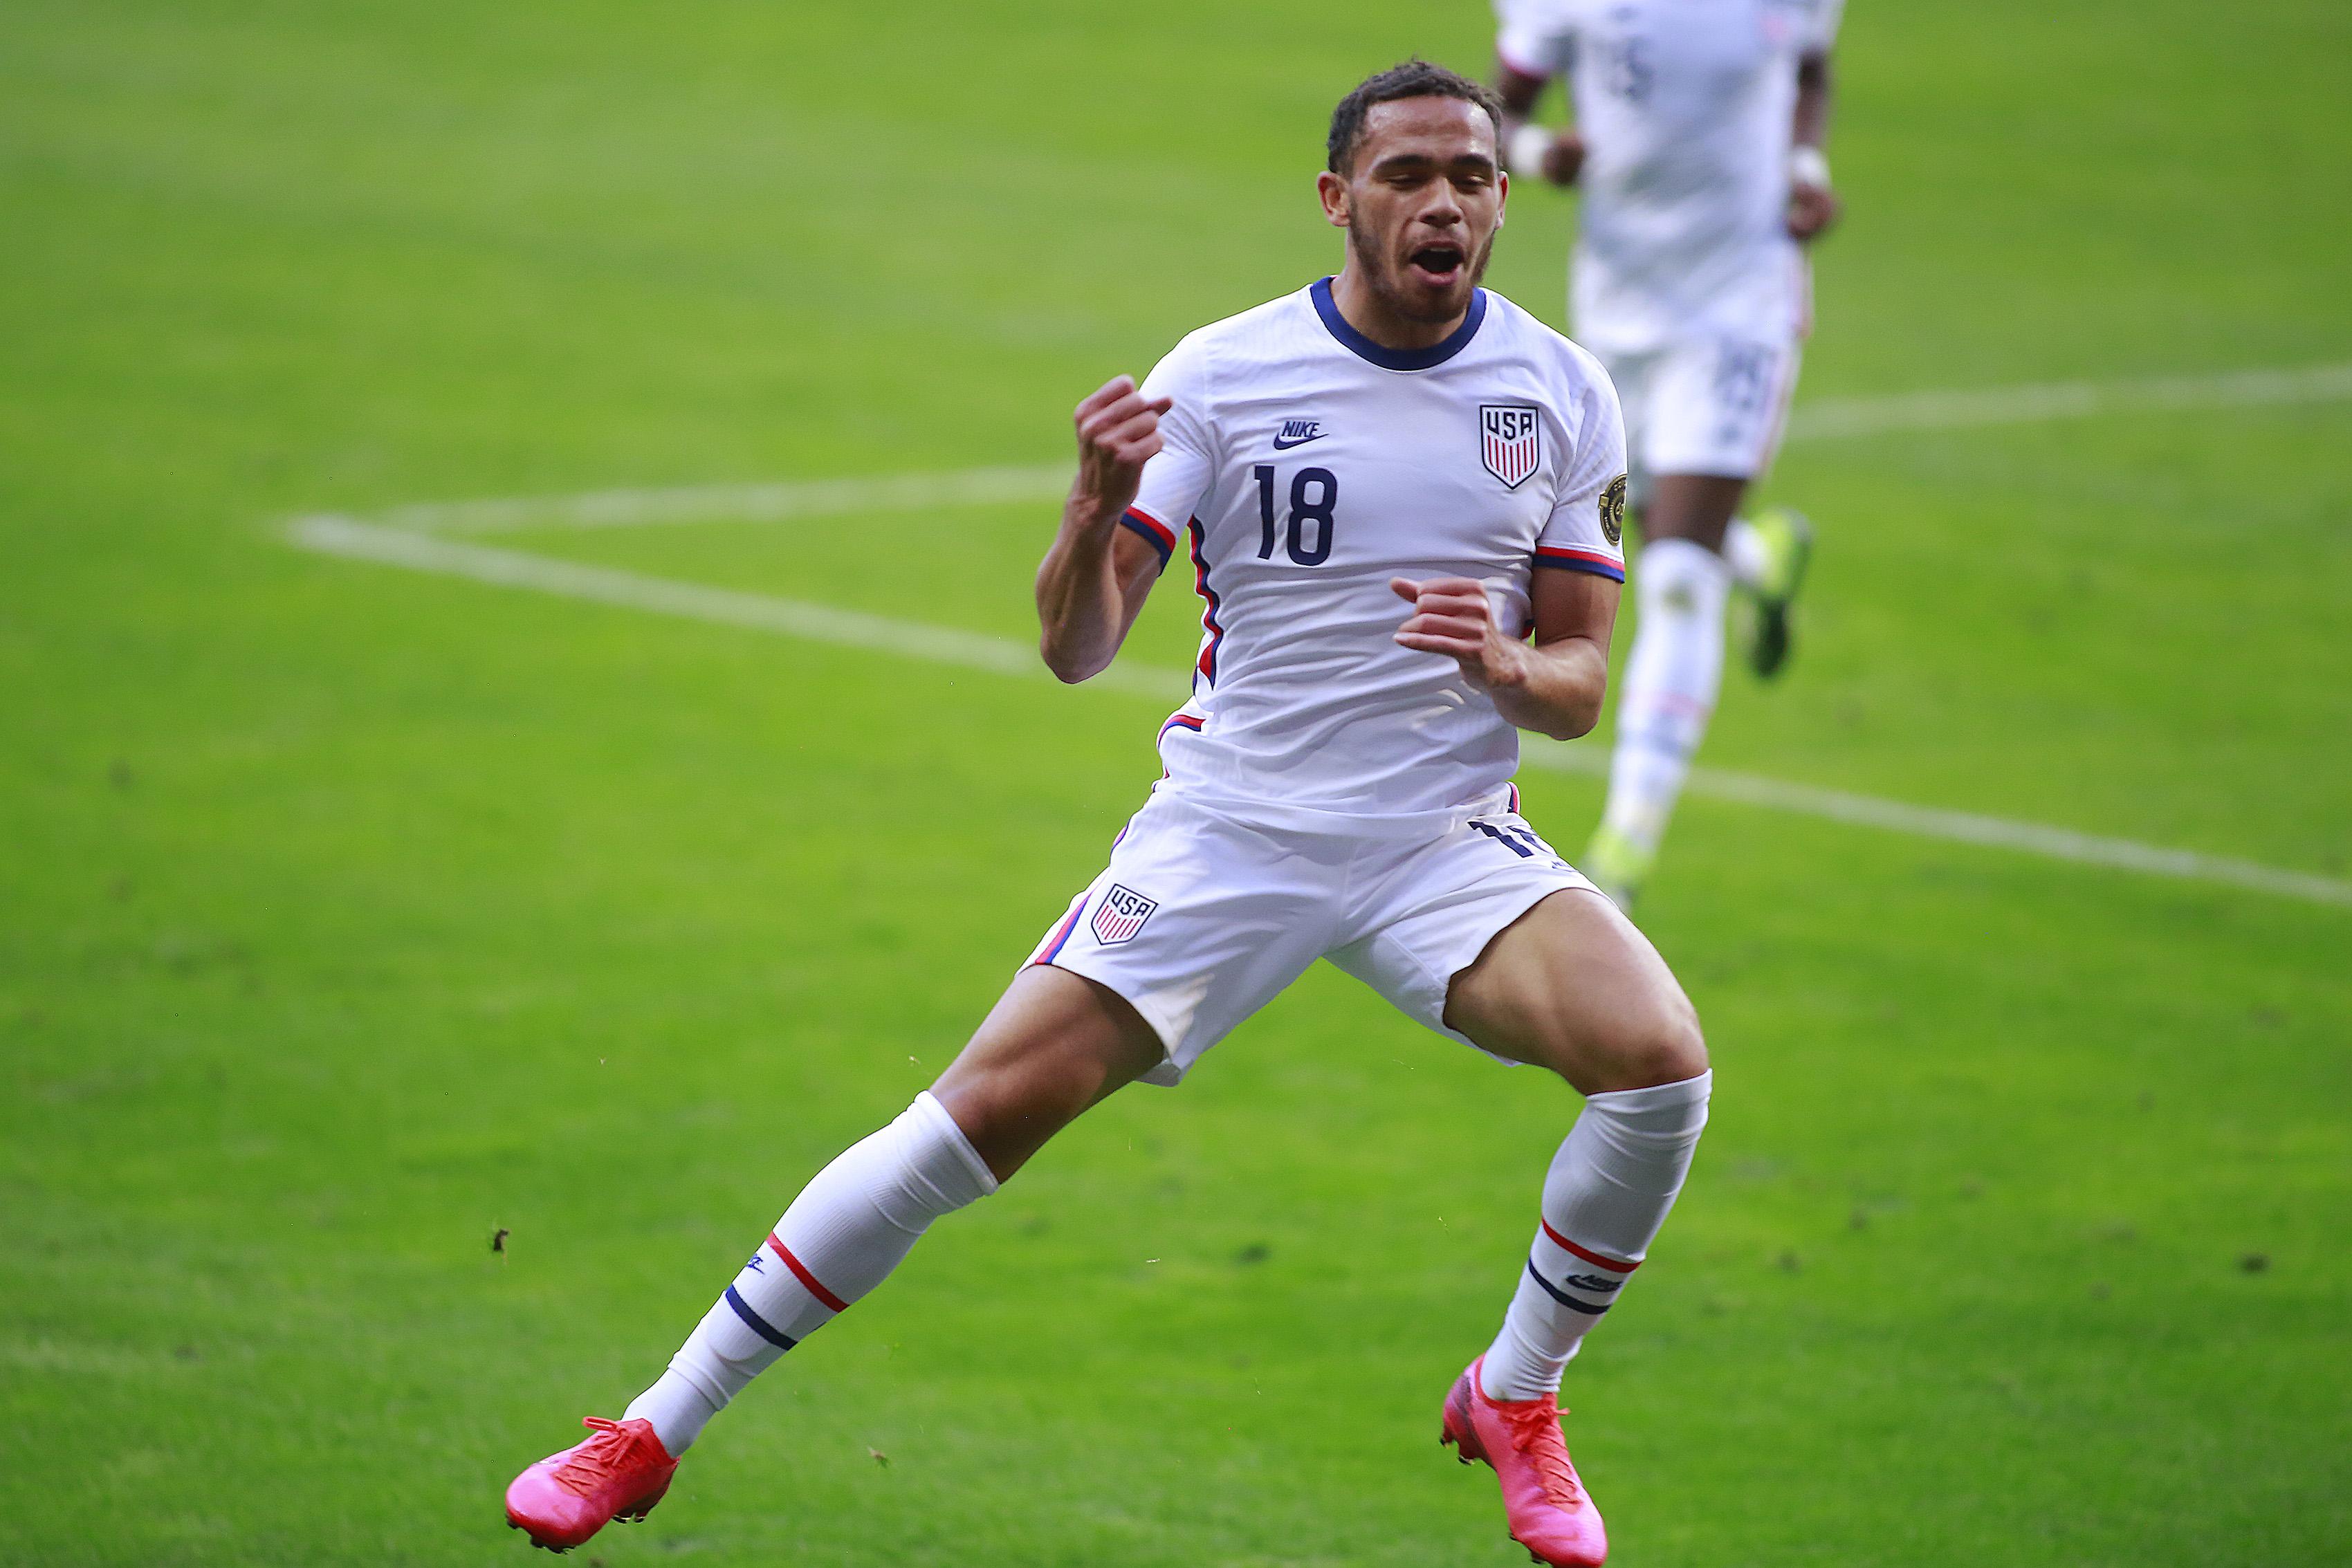 多米尼加共和国v美国 -  2020康帕布男士奥林匹克合格